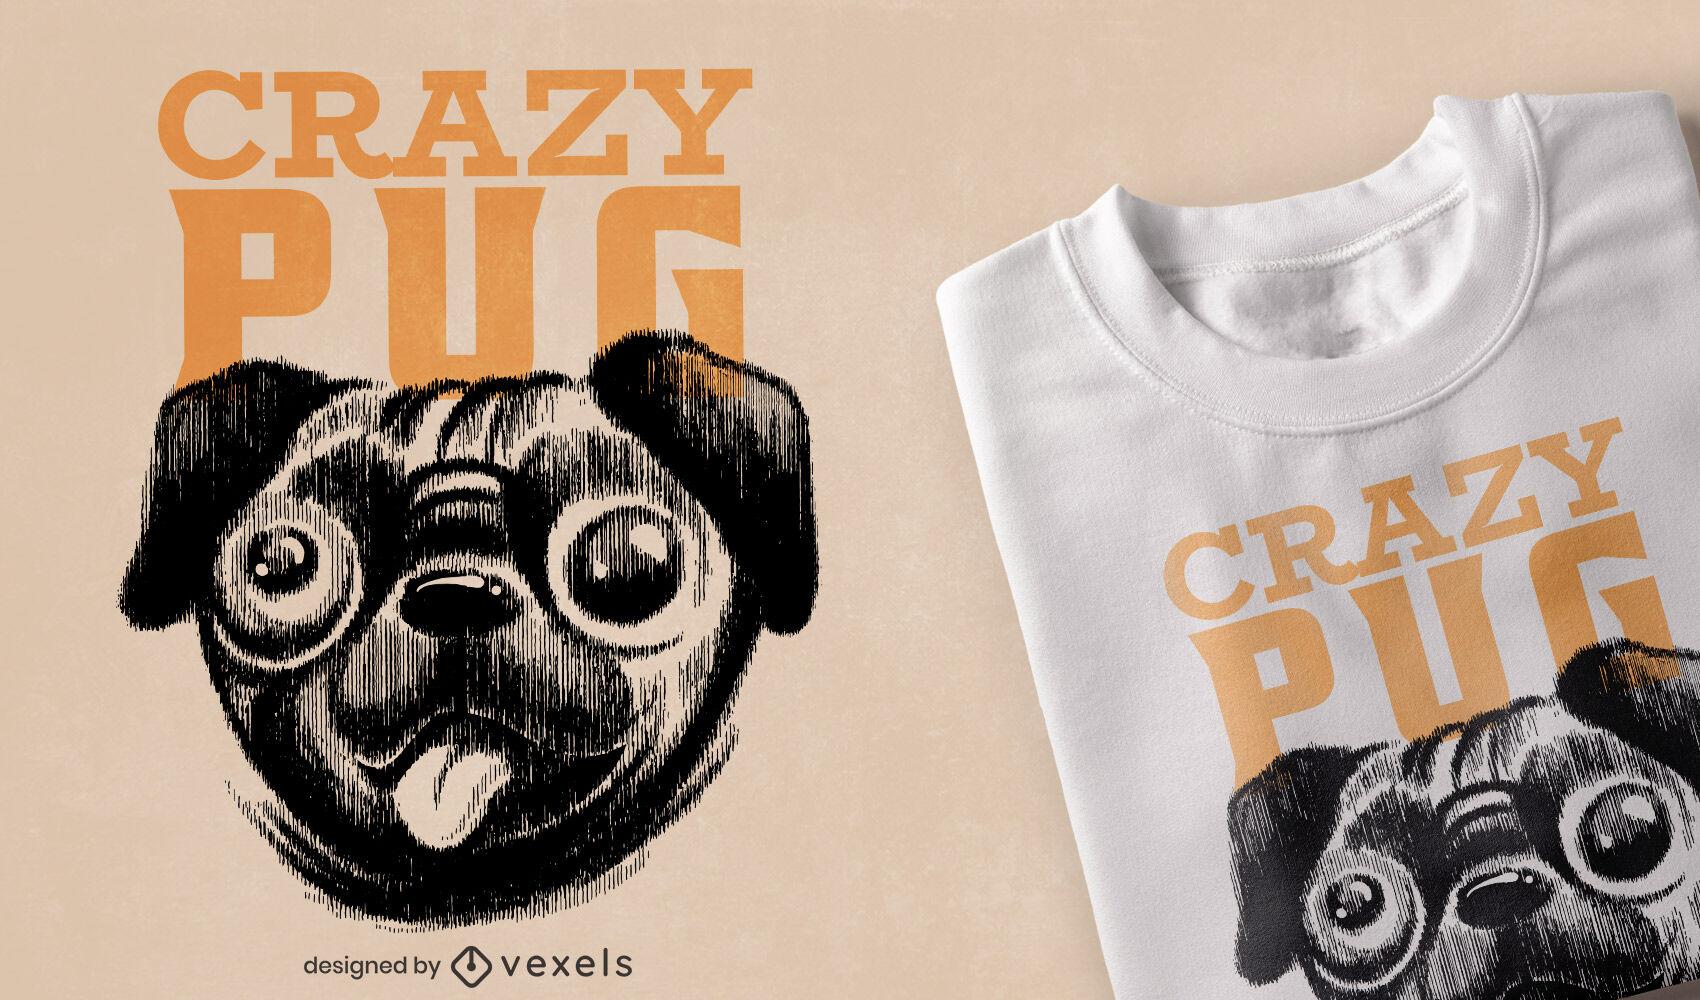 Crazy pug t-shirt design